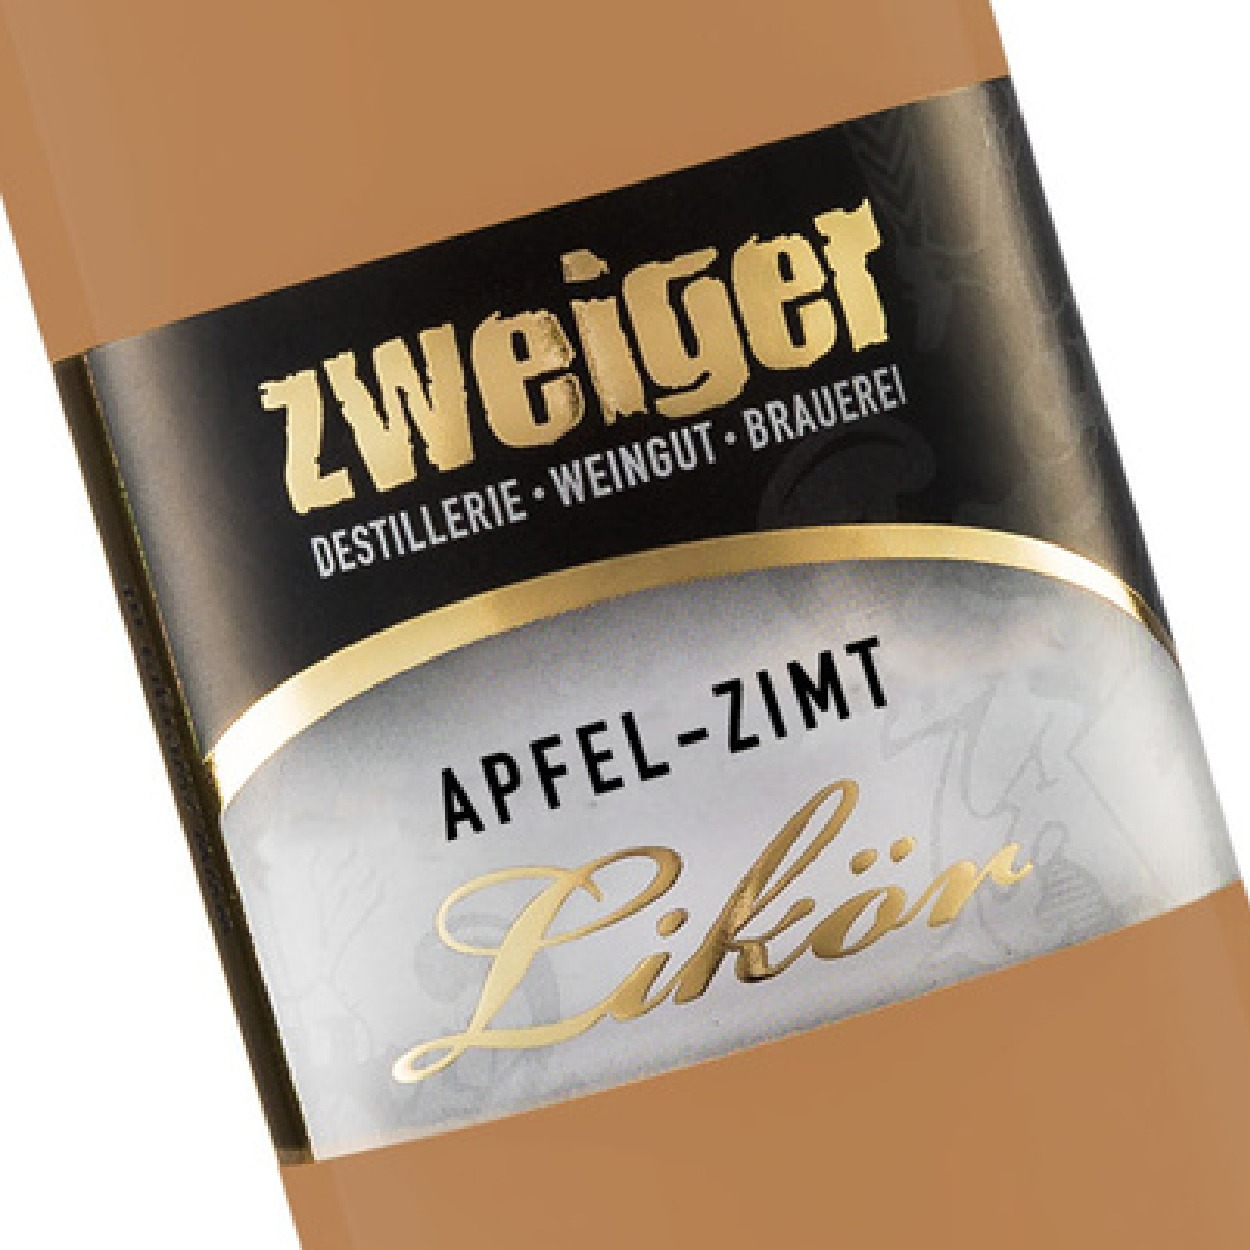 Cremelikör Apfel Zimt Zweiger Destillerie